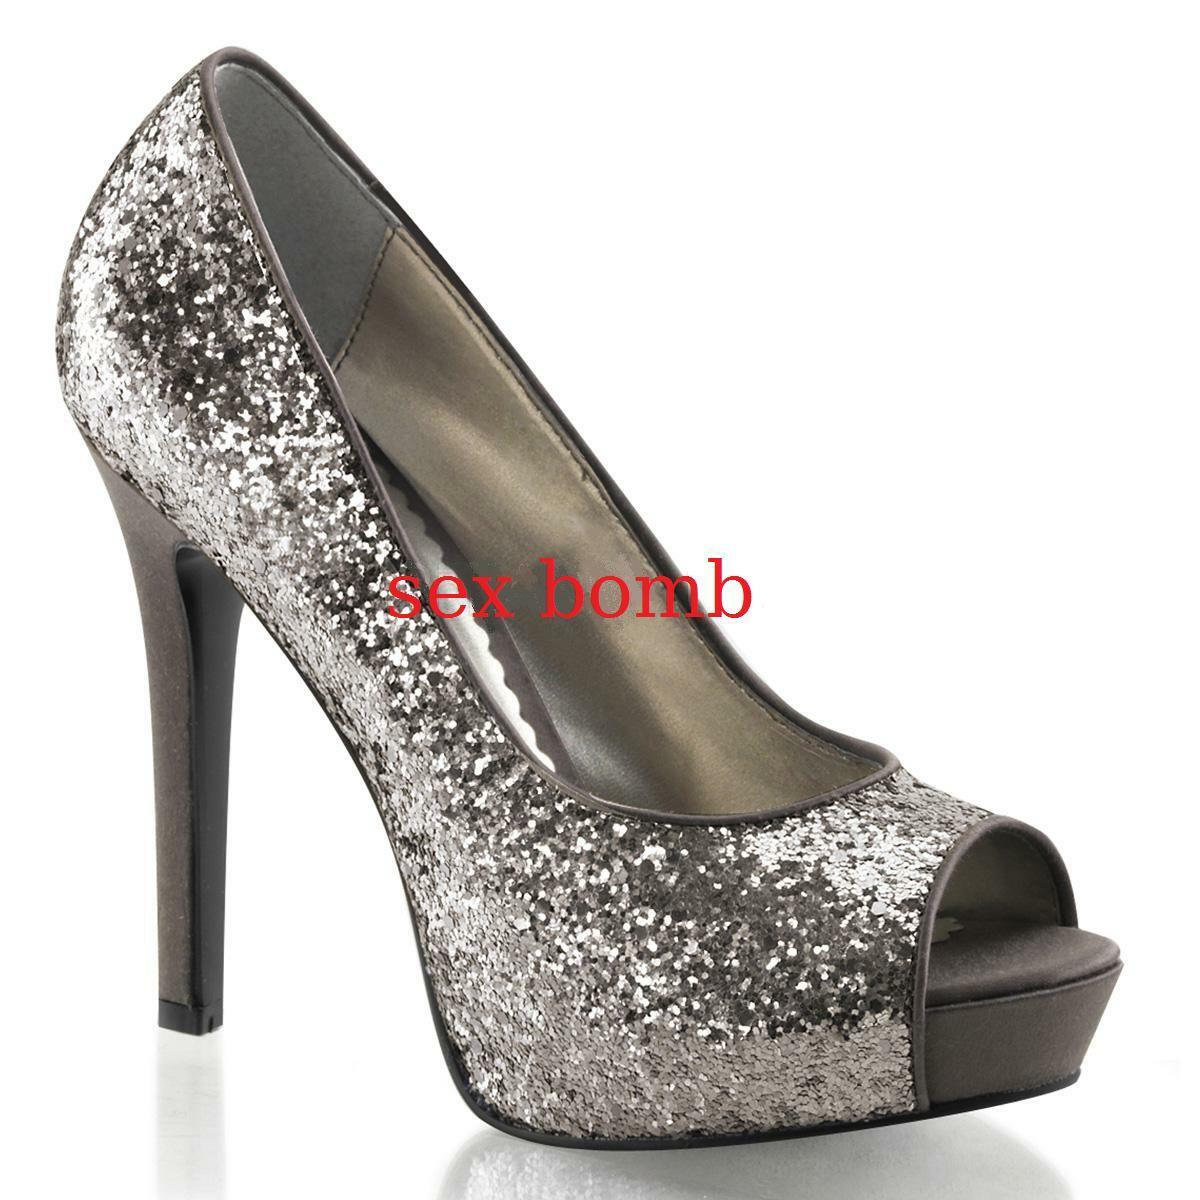 SEXY scarpe decolte spuntate GLITTER da plateau nascosto tacco 12 da GLITTER 35 a 41 GLAM! 2733ce